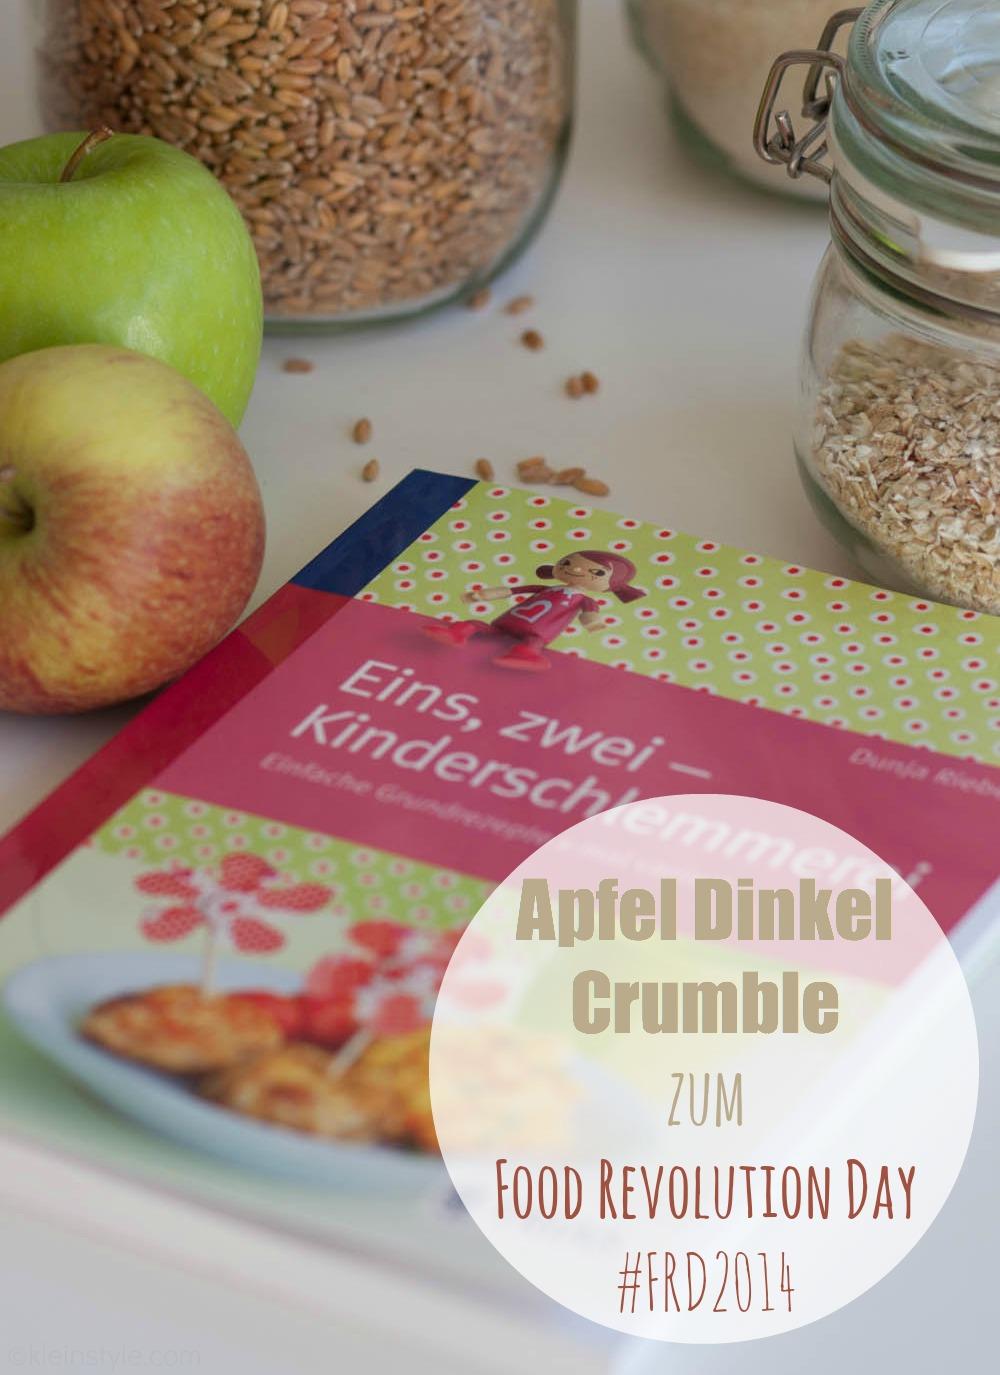 Food Revolution Day : Kocht mit euren Kindern! {Apfel-Dinkel-Crumble}